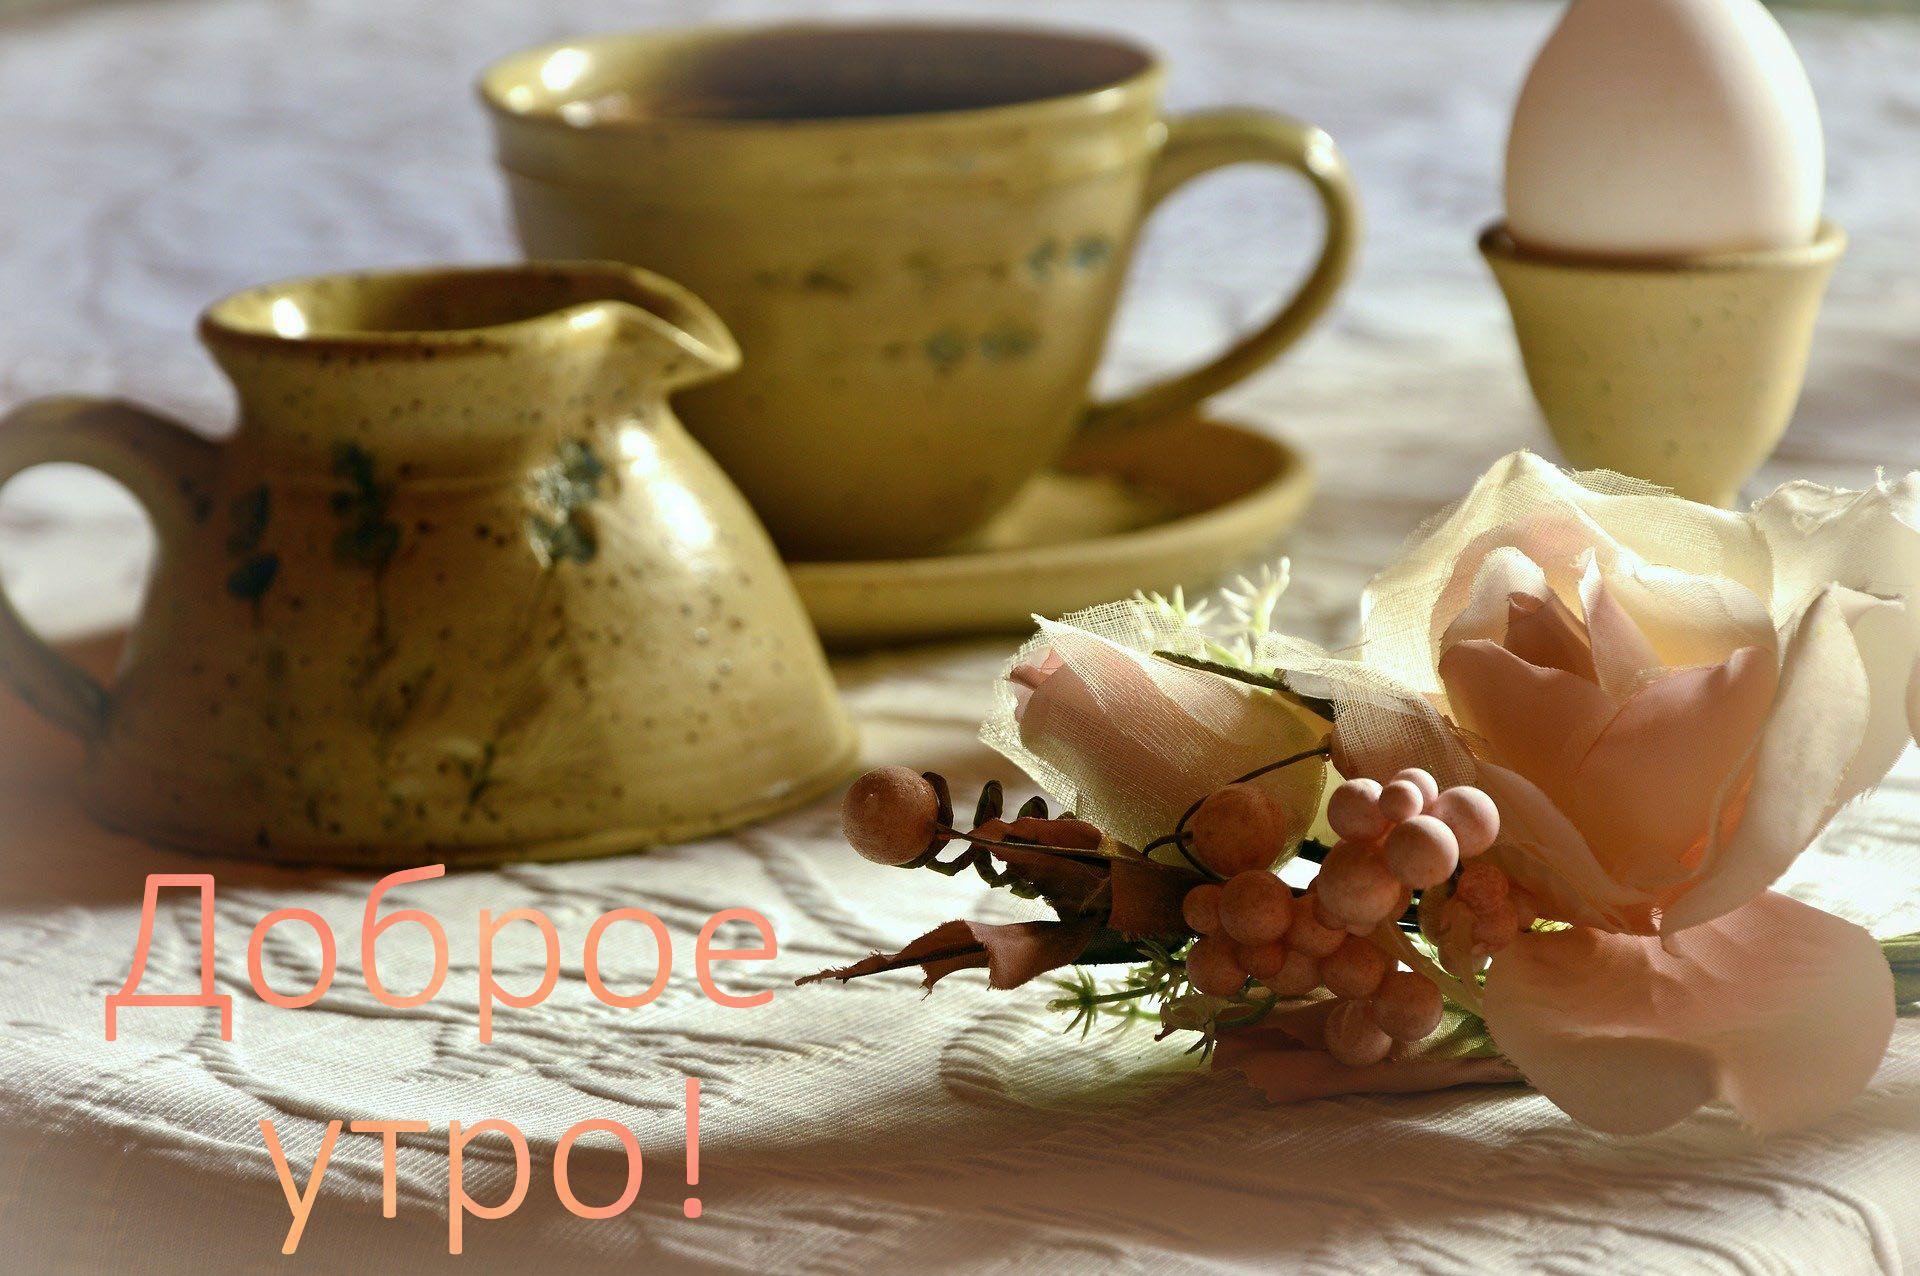 Самое красивое 'Доброе утро' любимая